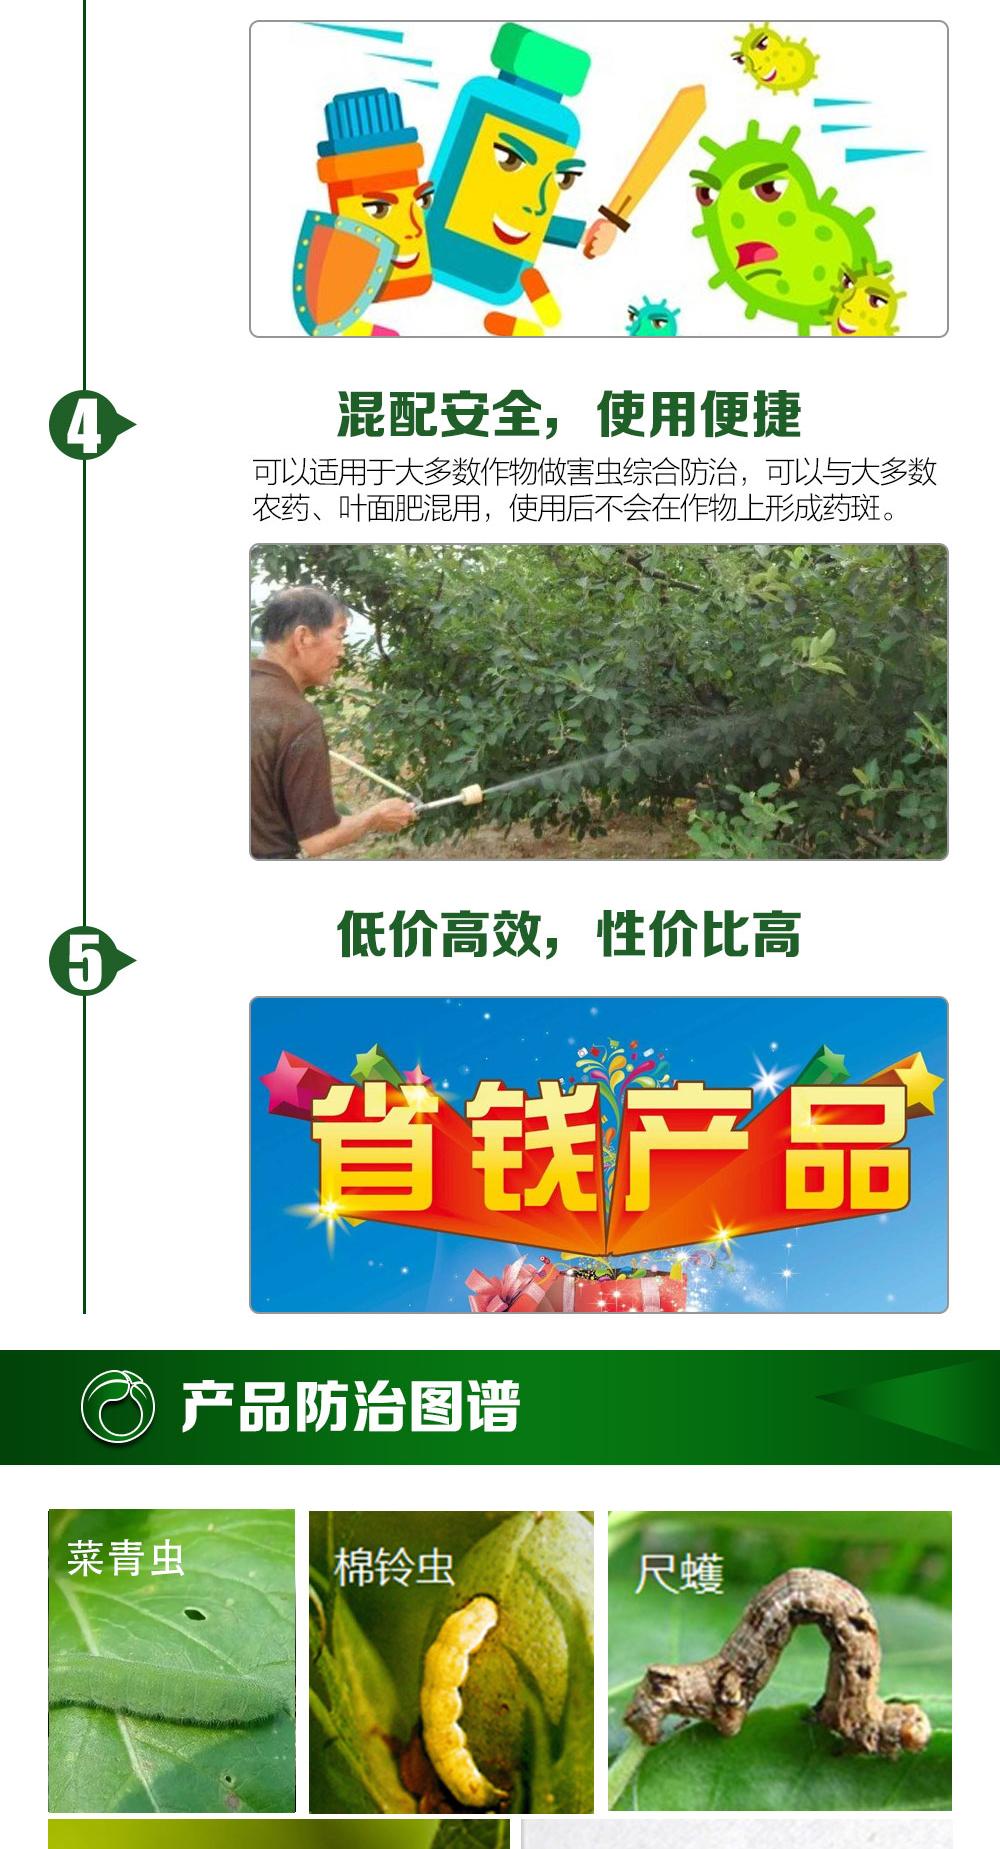 上海沪联红高氯4_03.jpg